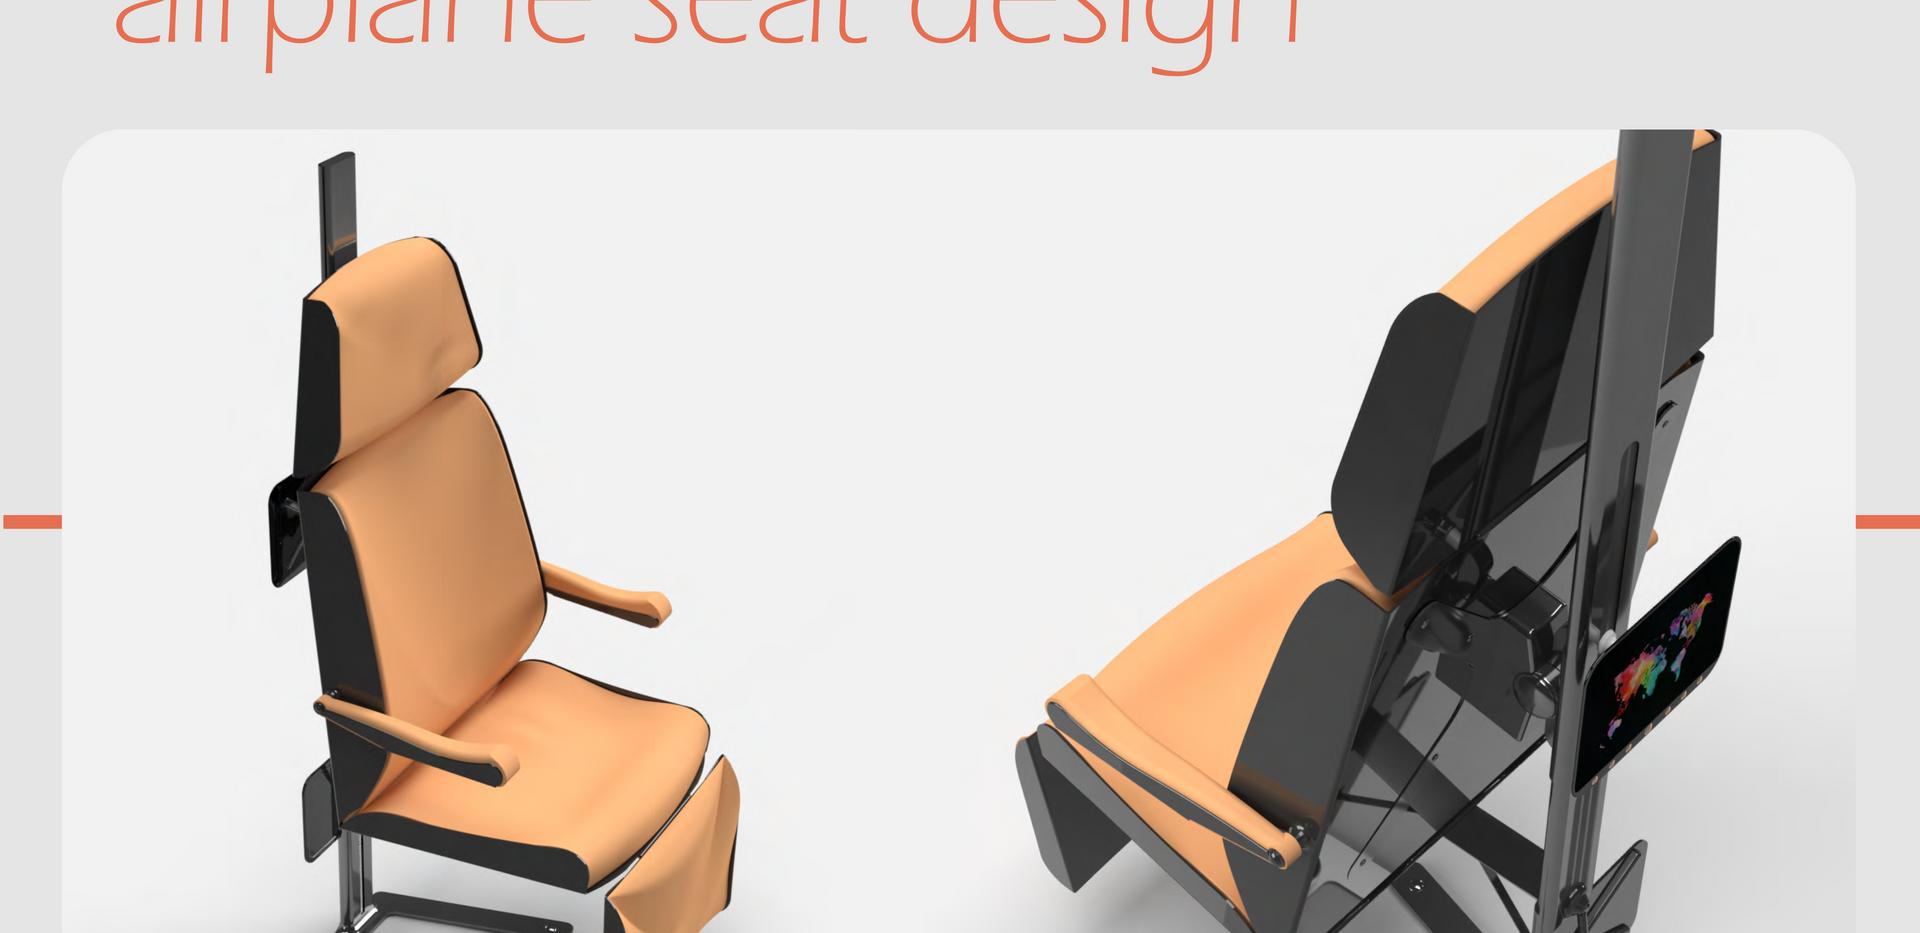 הגשה כסא מטוס דניאל שוקרון-1עיצוב תעשיית